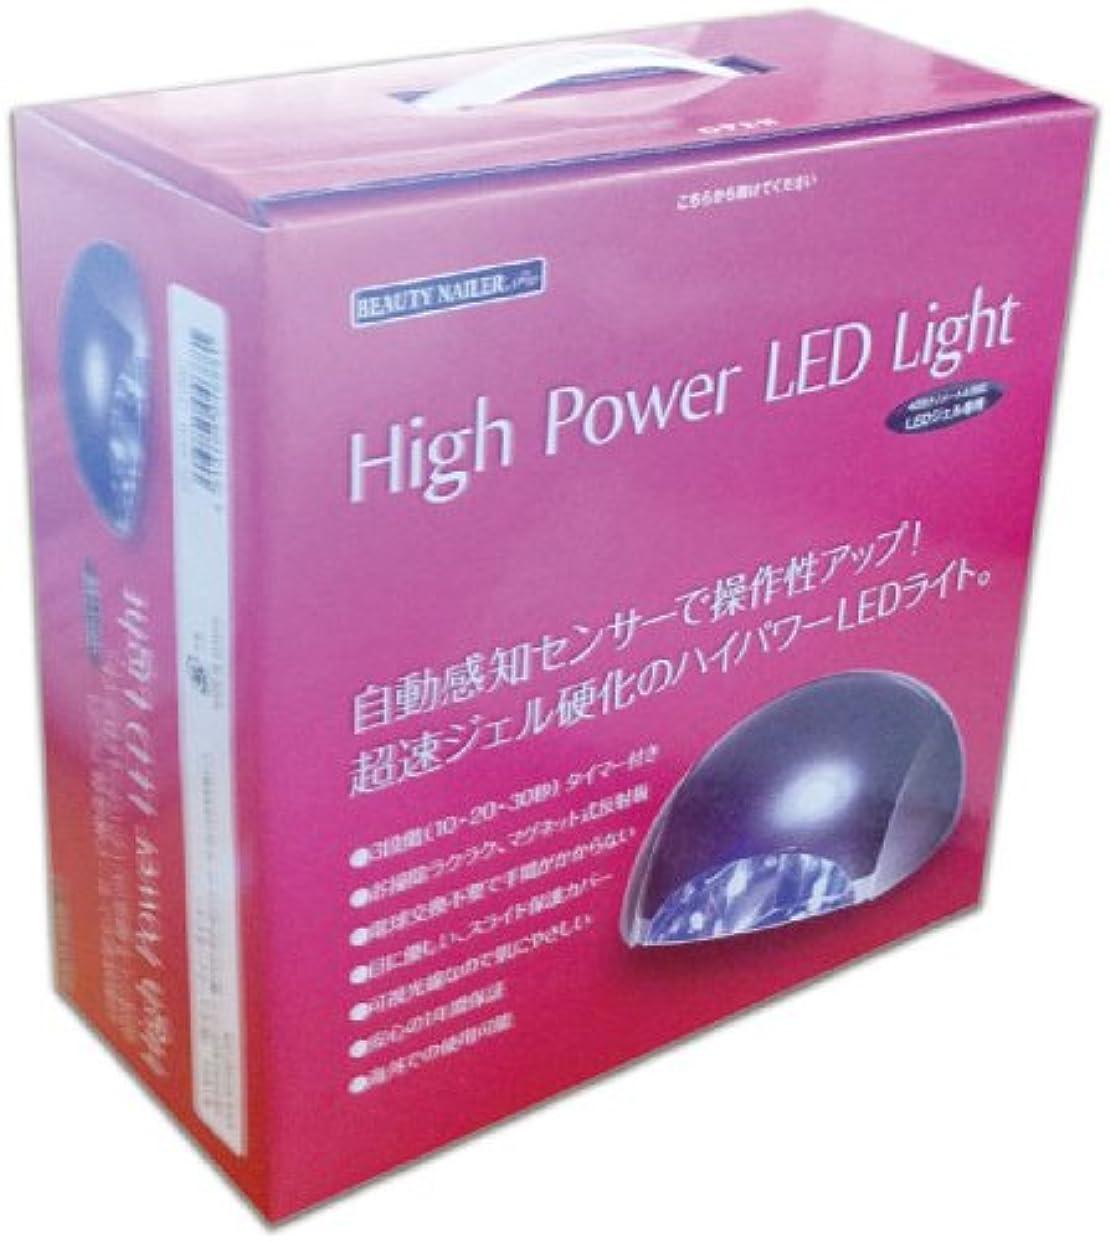 またねスポーツマンハントビューティーネイラー ハイパワーLEDライト HPL-40GB パールブラック